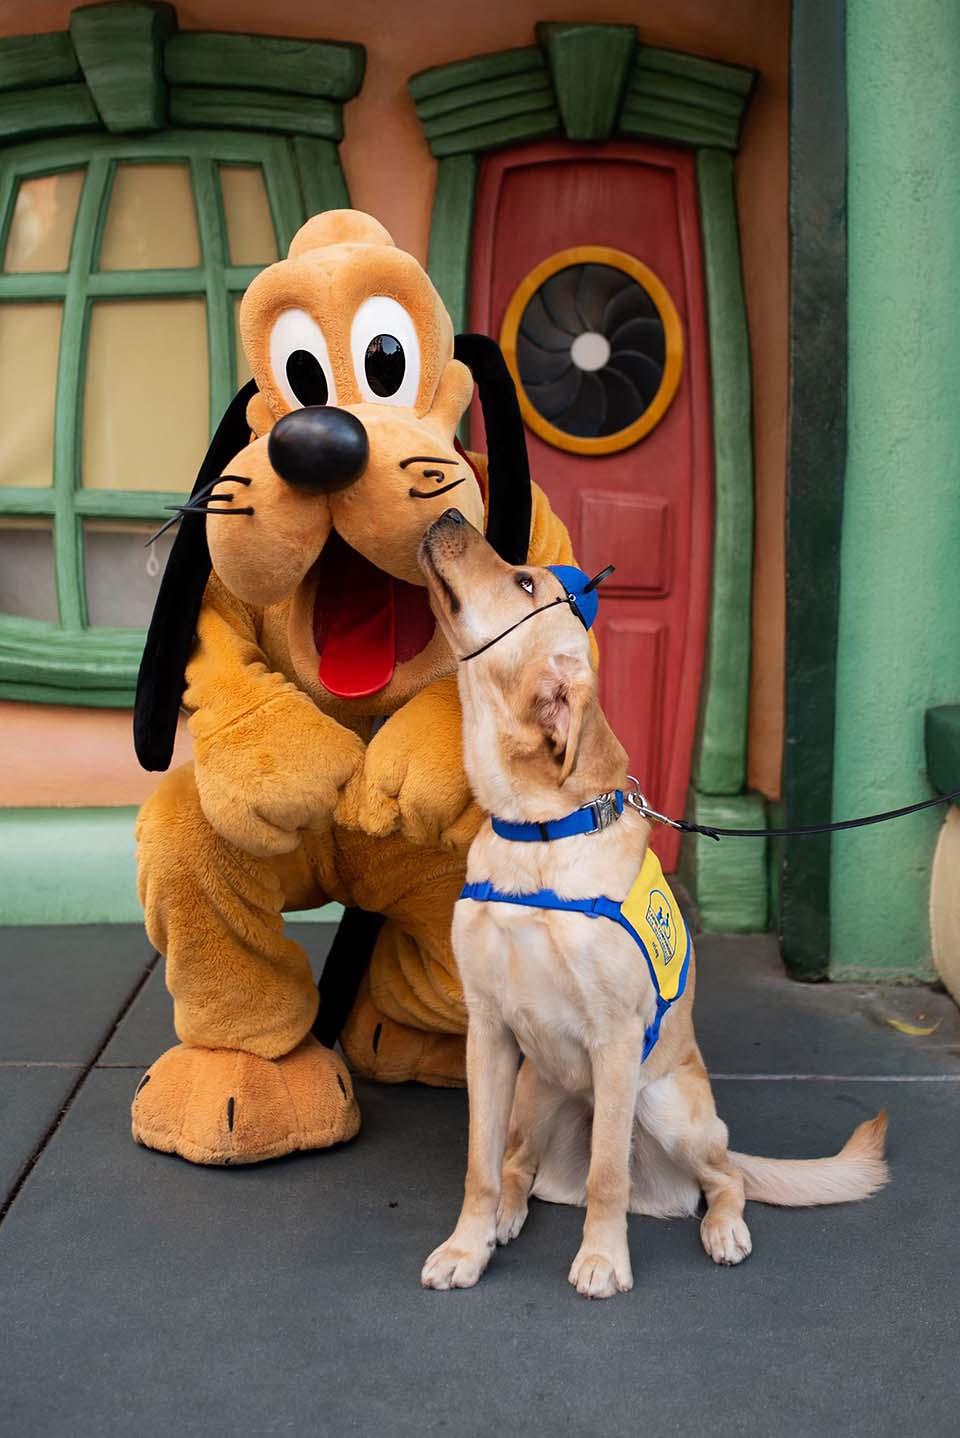 Perro y personaje Pluto